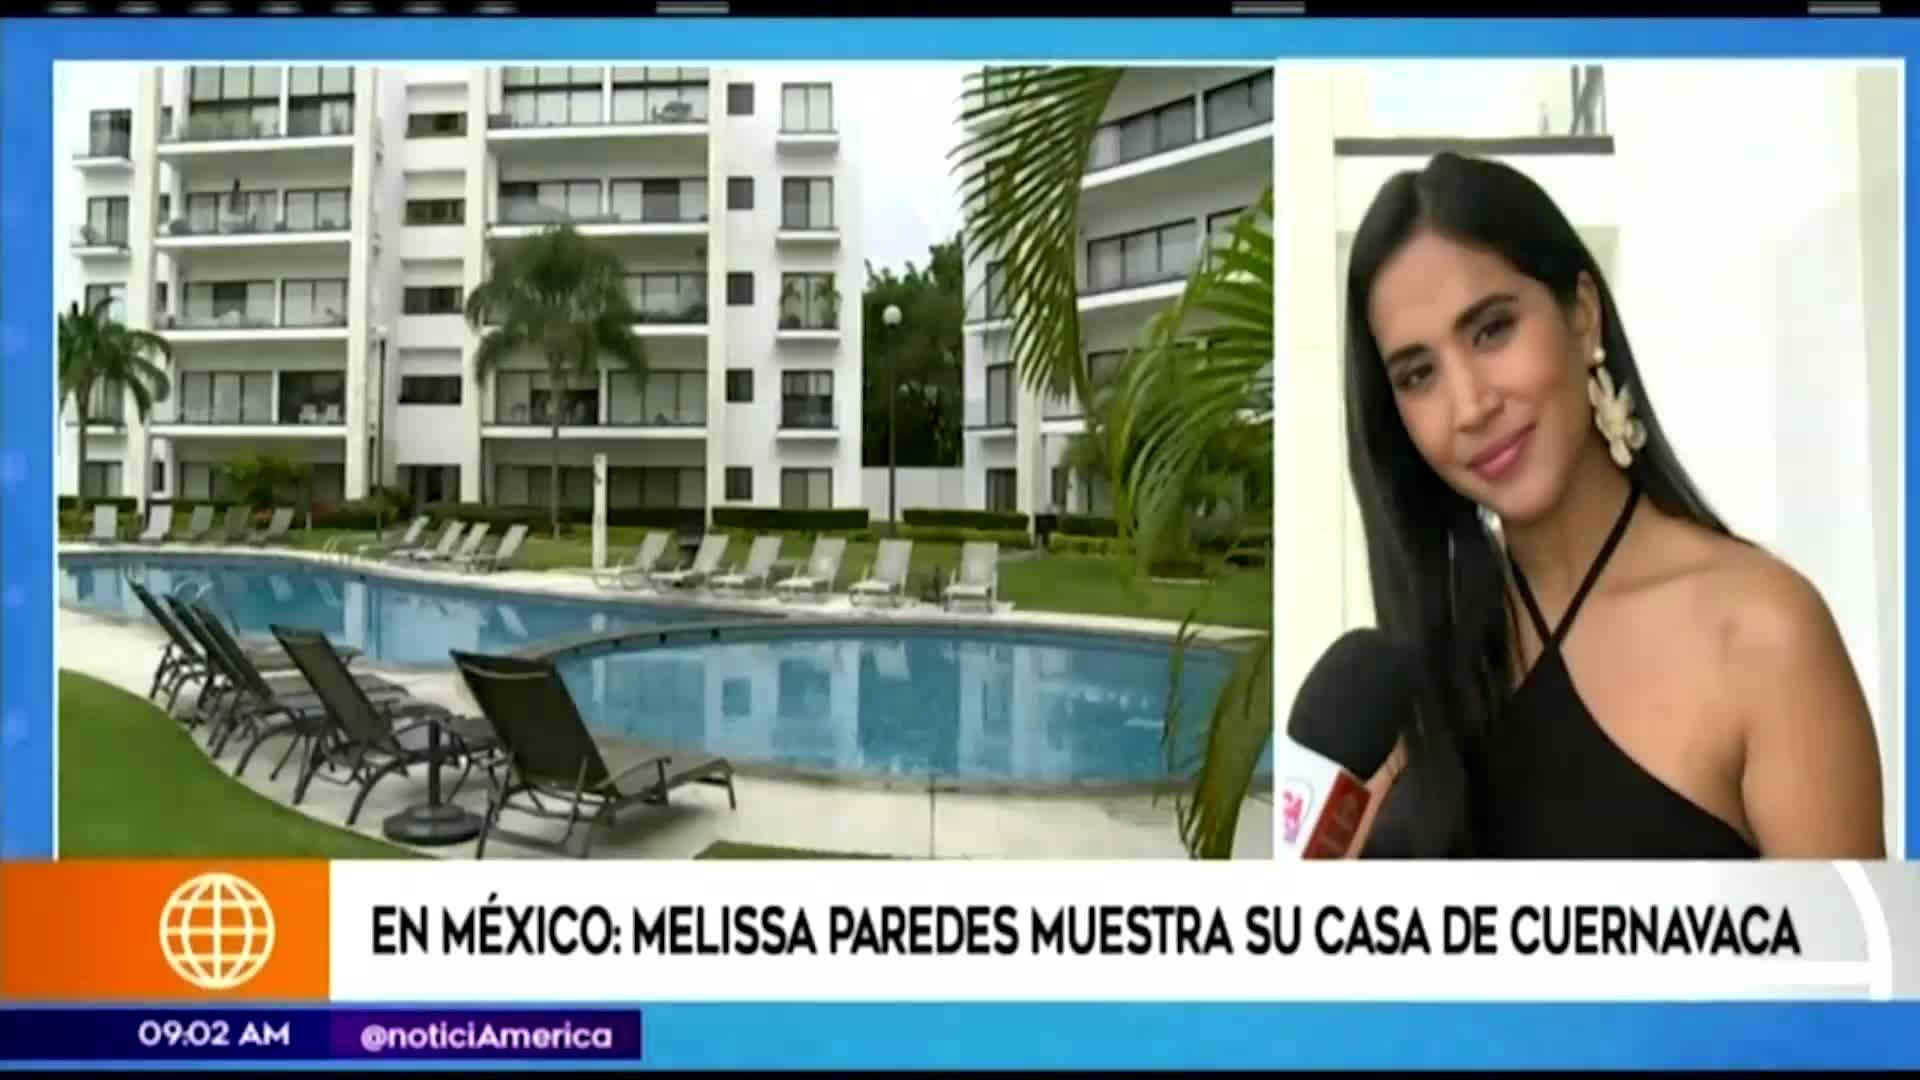 Melissa Paredes muestra su nueva casa en México